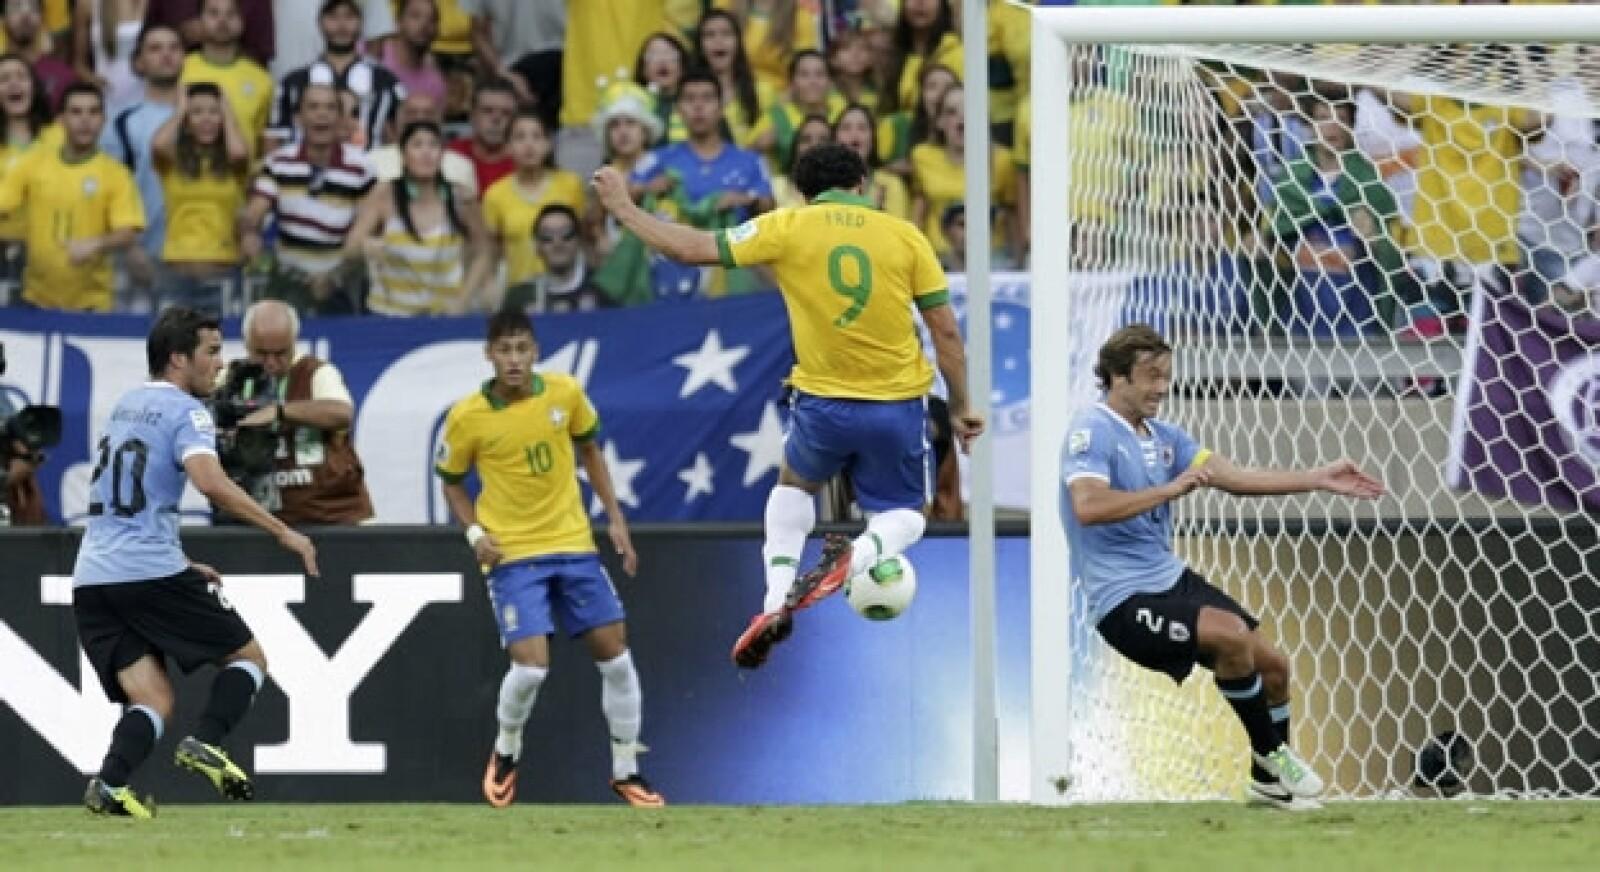 Brasi vs. uruguay 11